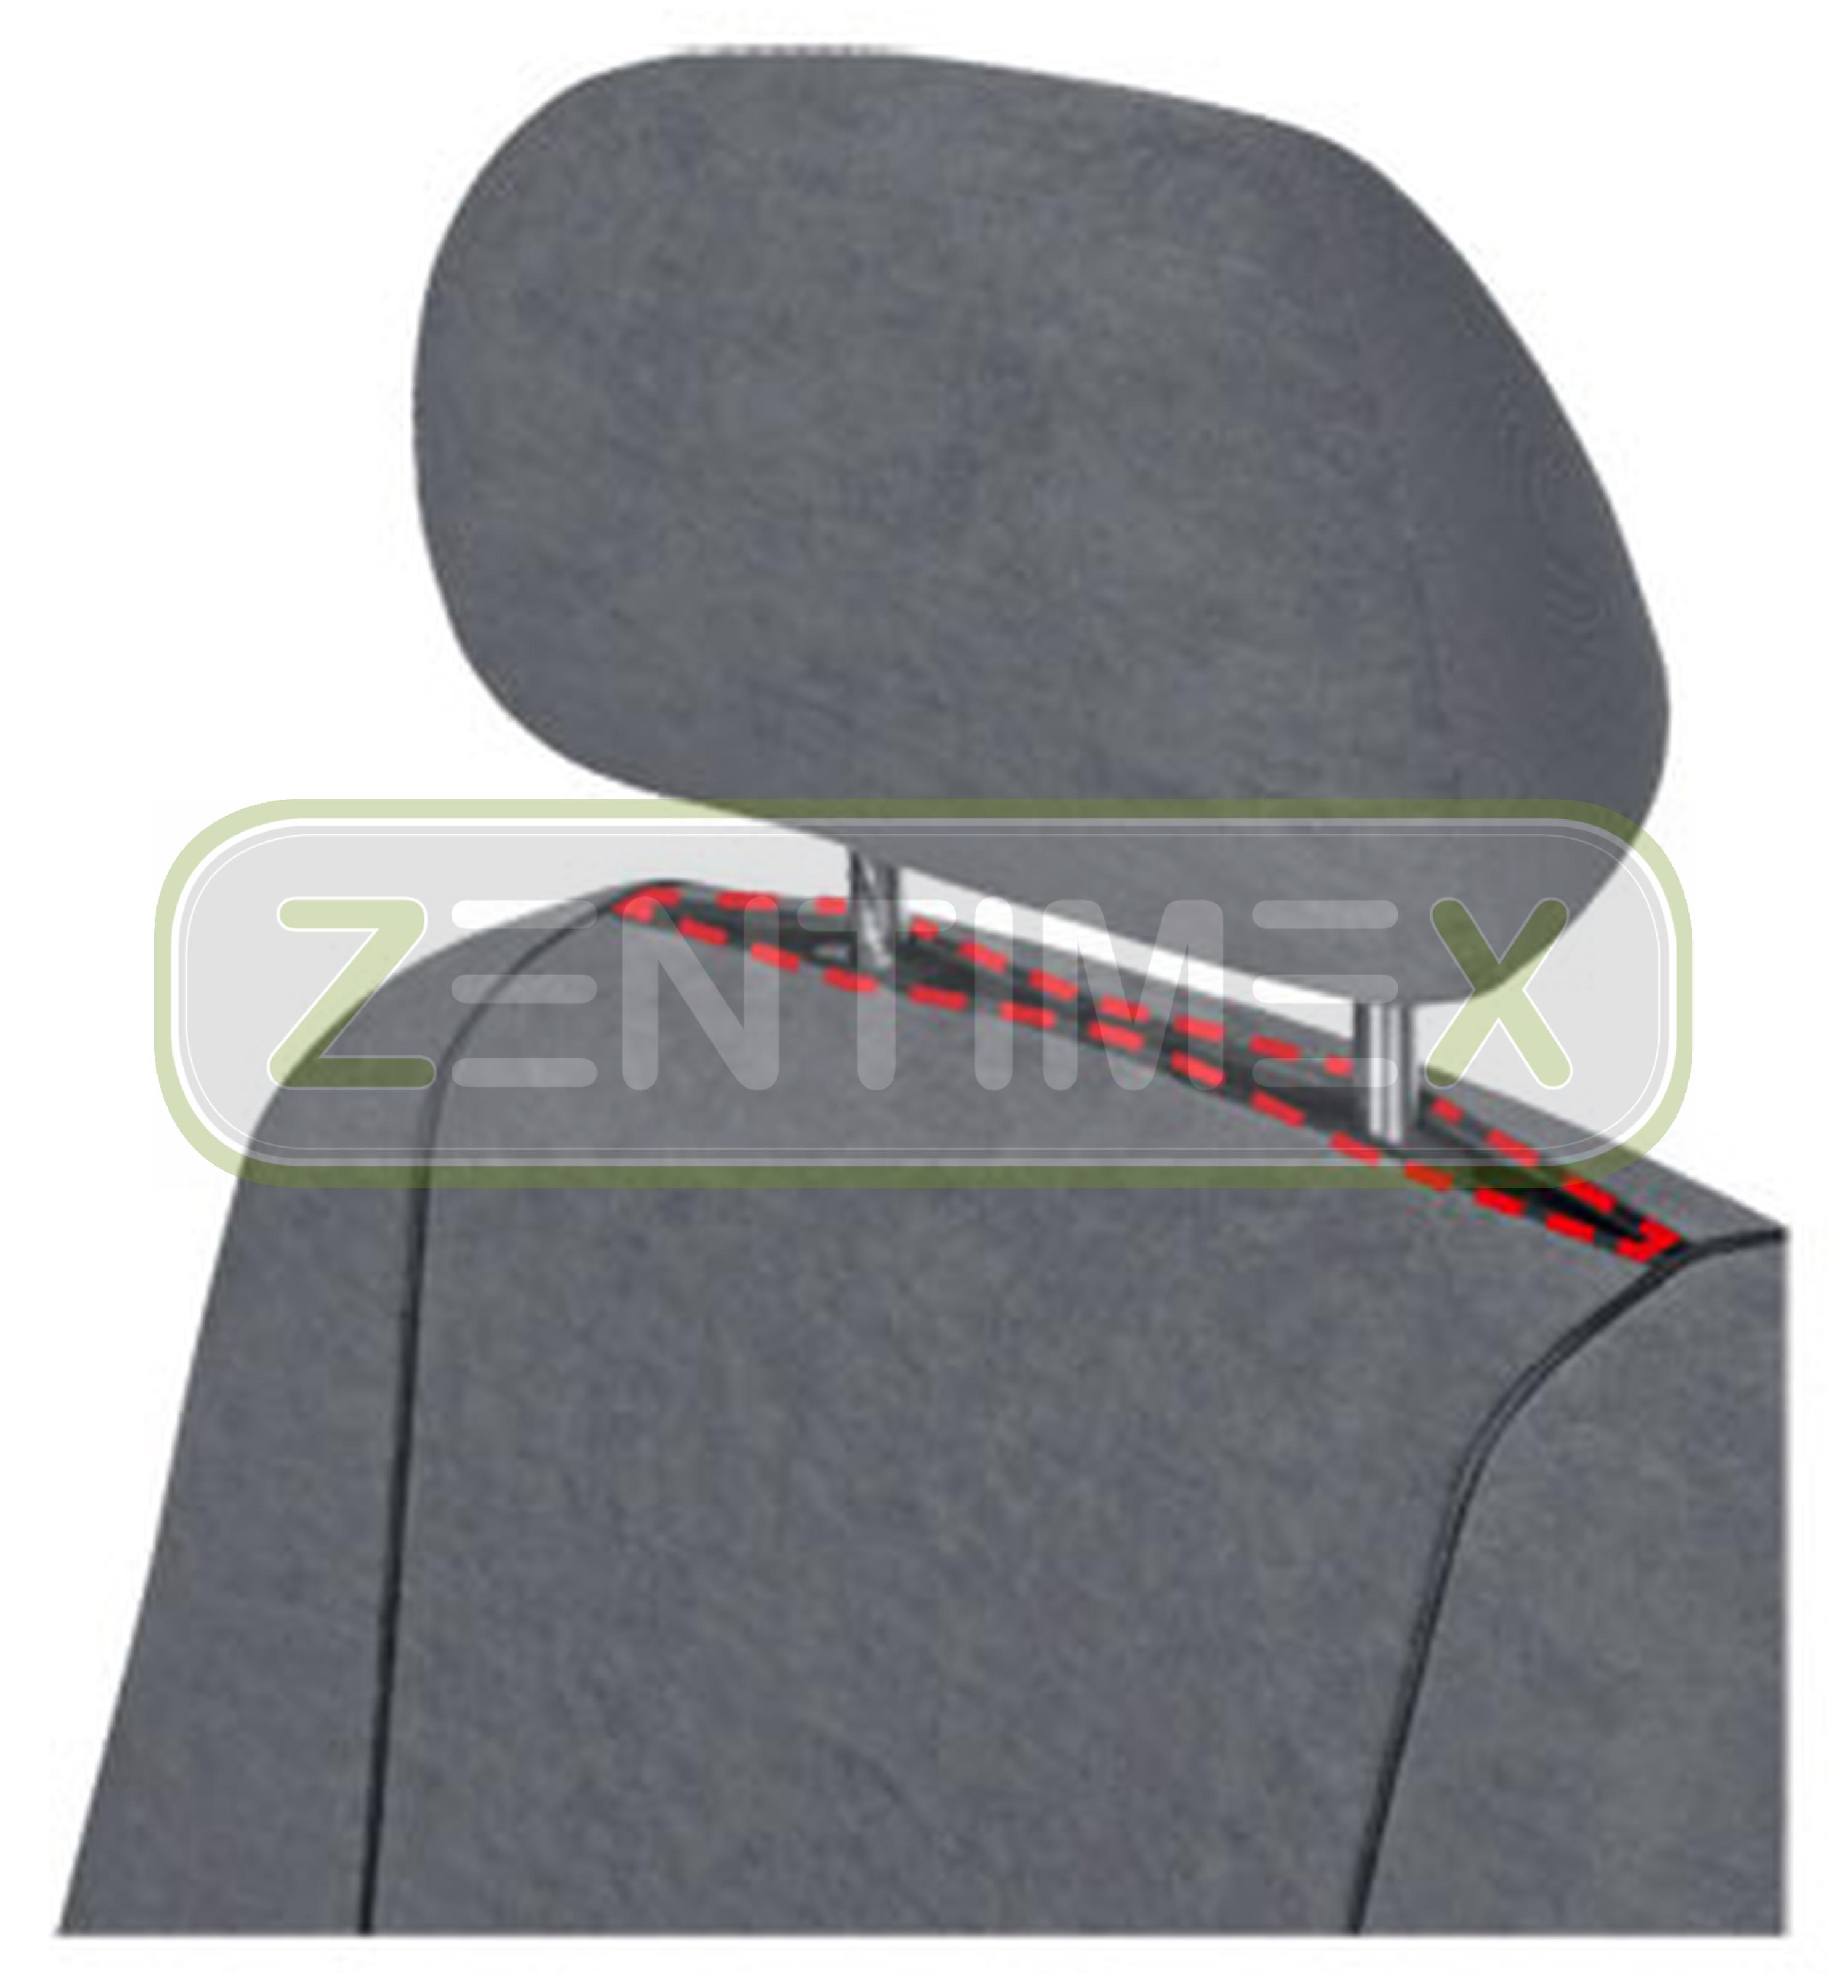 Sitzbezüge Schonbezüge SET EC VW T4 Caravelle Stoff dunkel grau